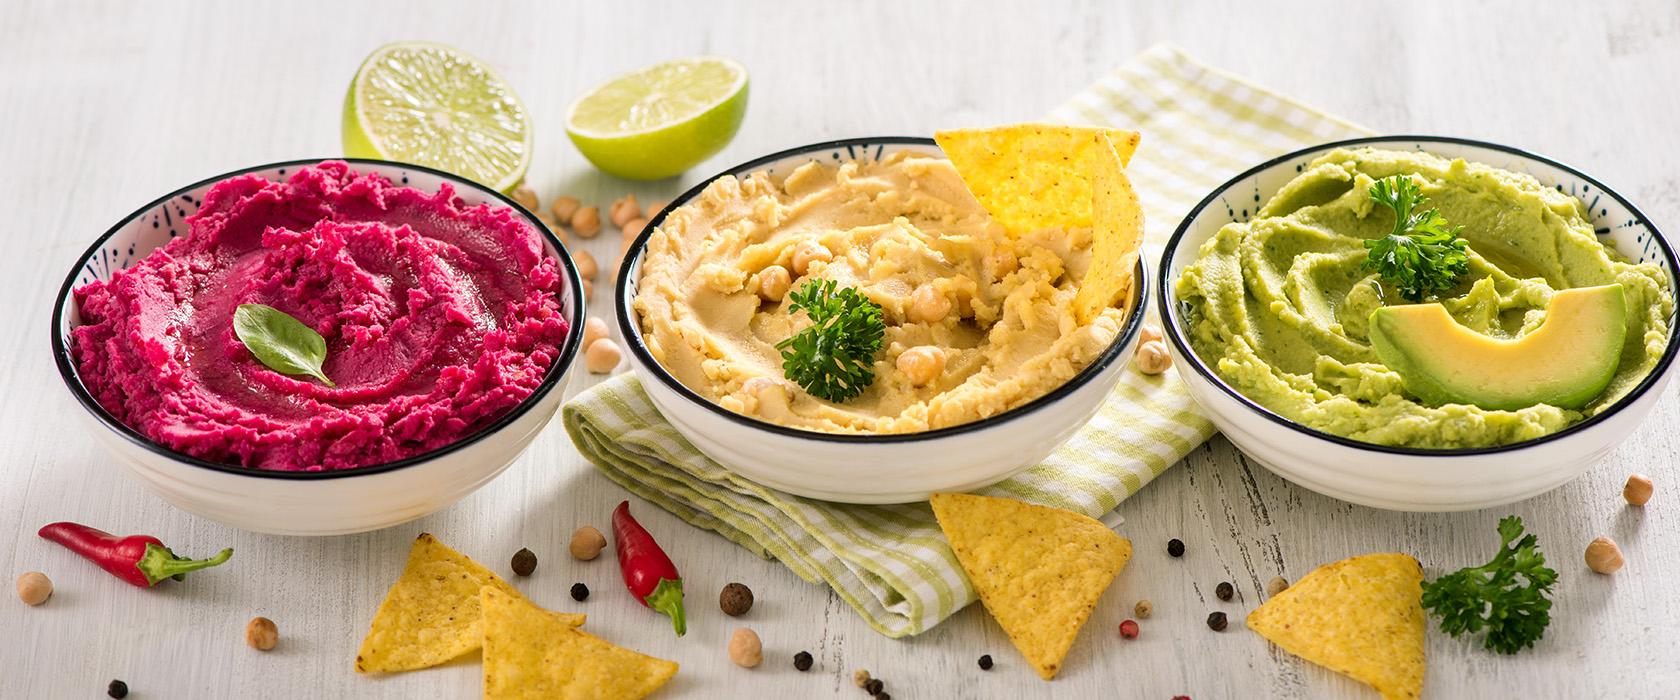 Что едят вегетарианцы: список продуктов. Едят ли вегетарианцы рыбу и яйца?